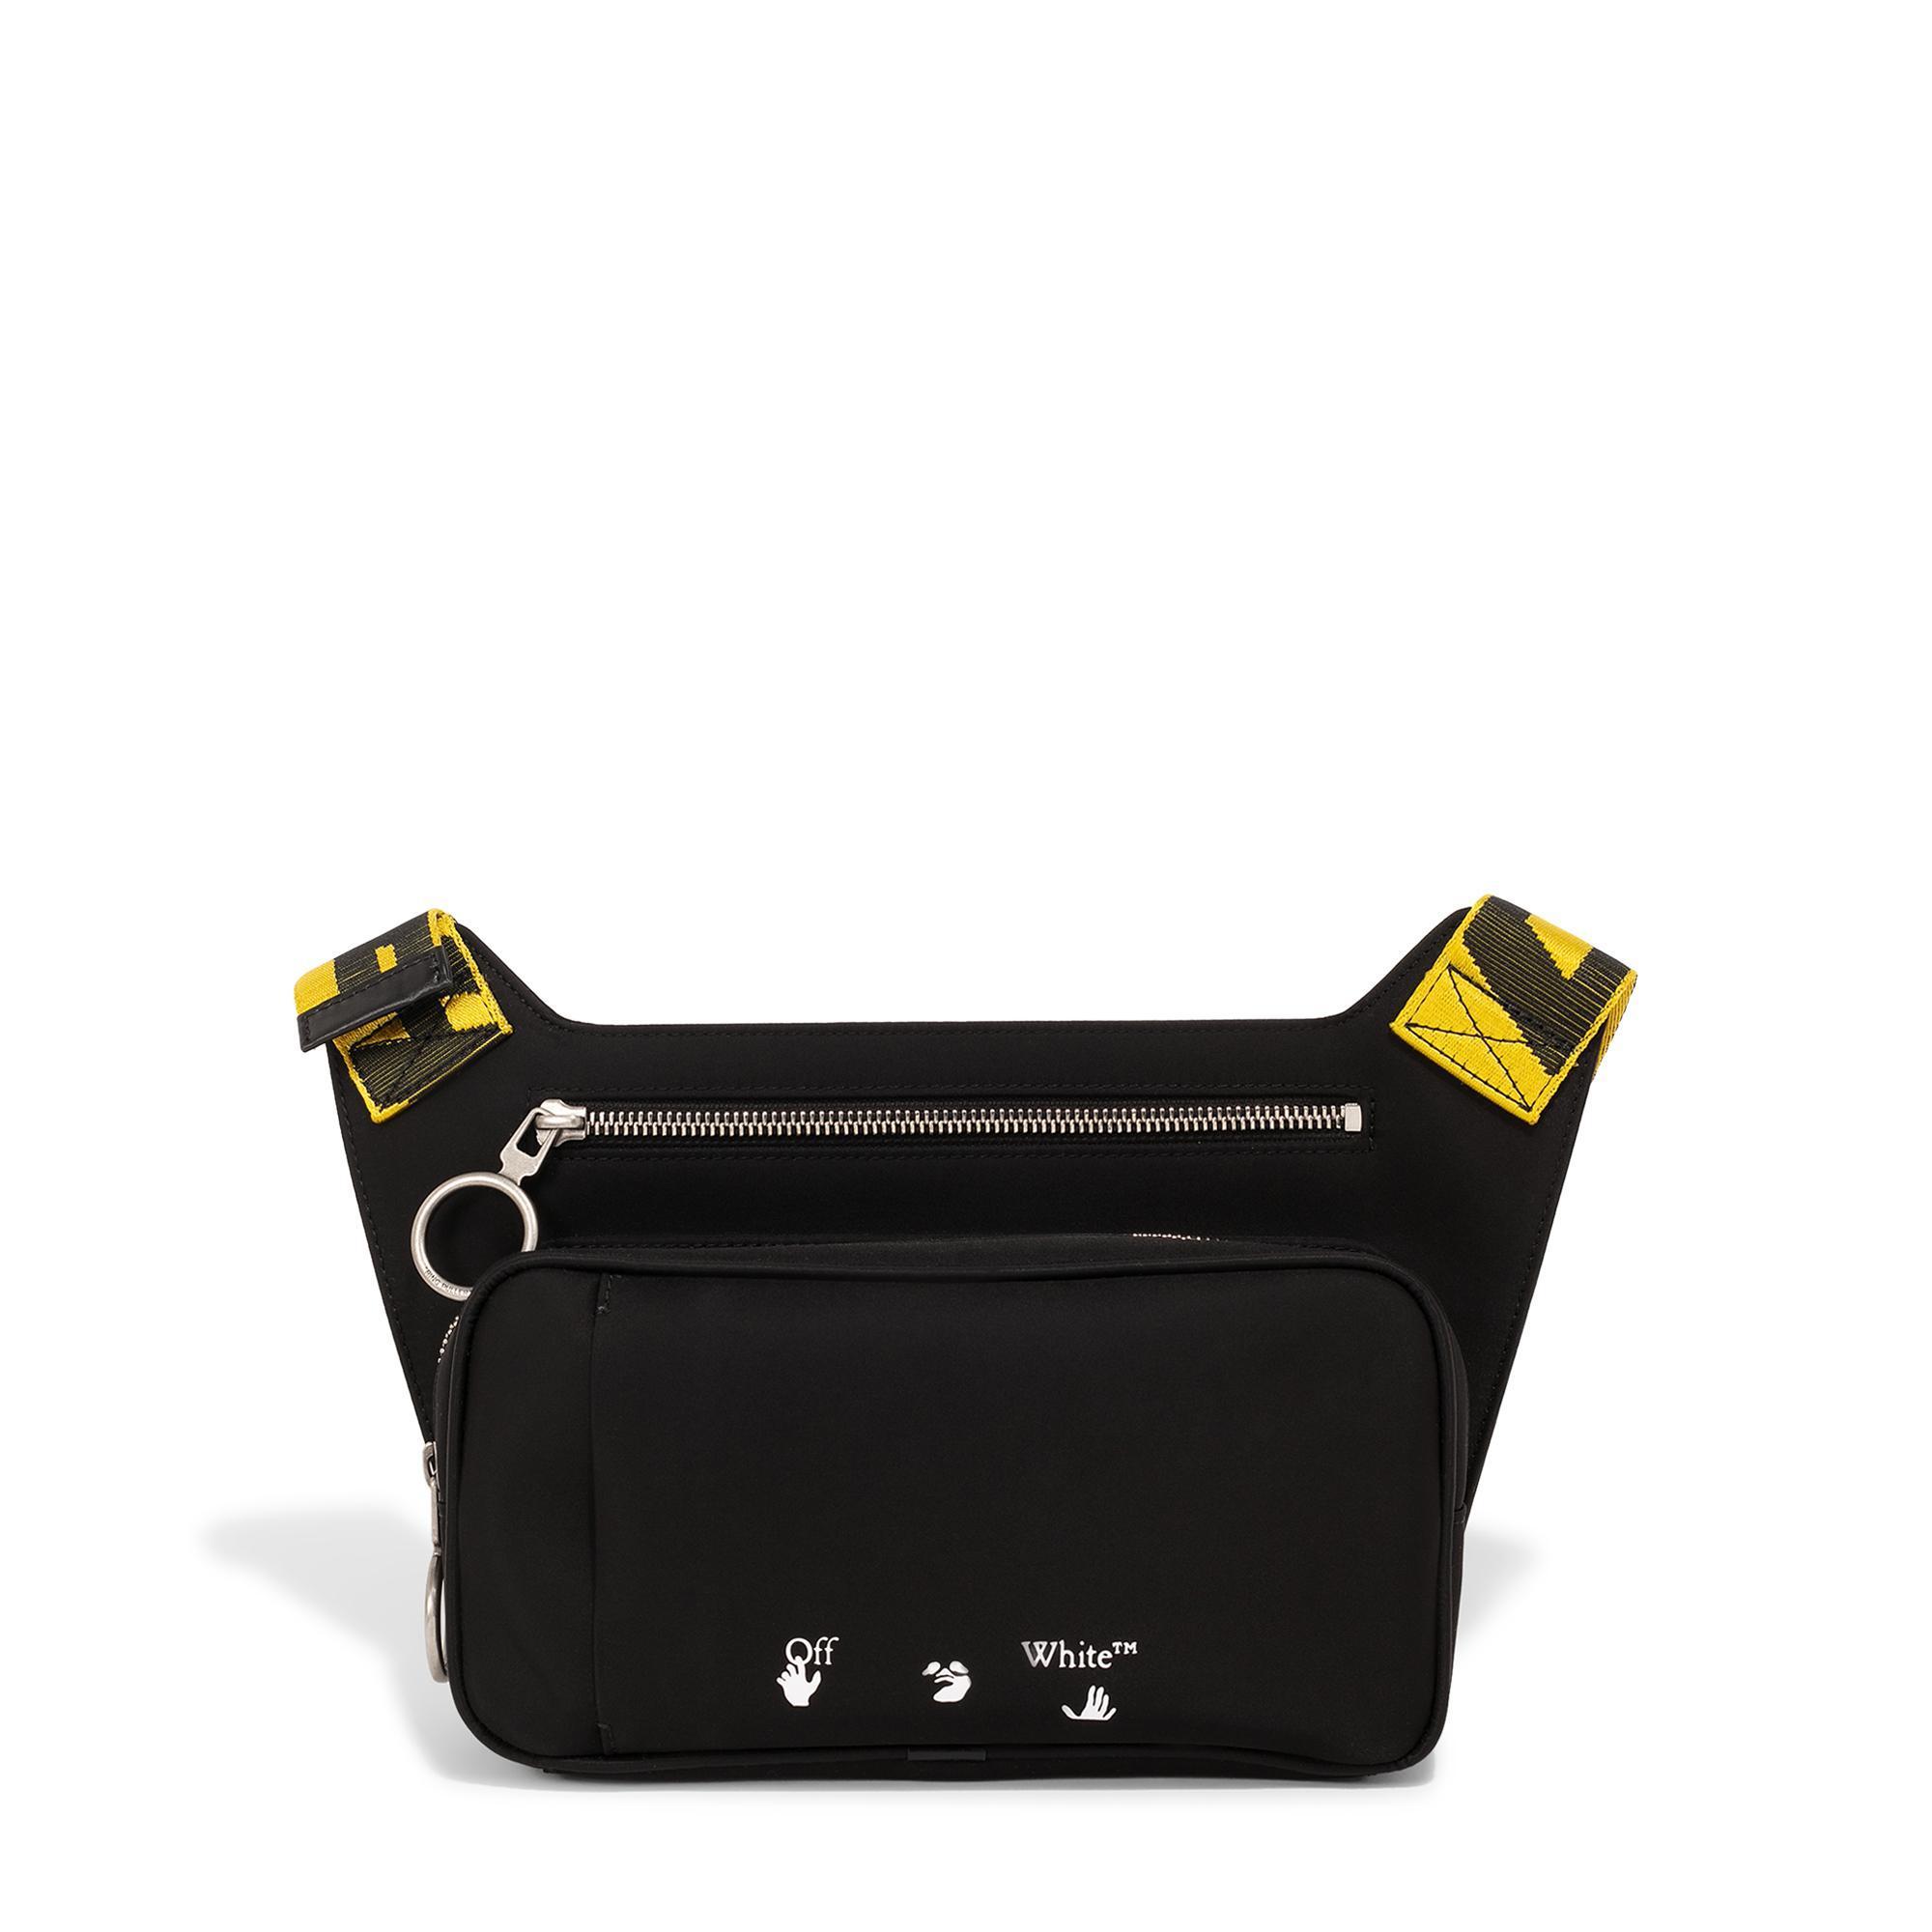 حقيبة من النايلون مزينة بشعار